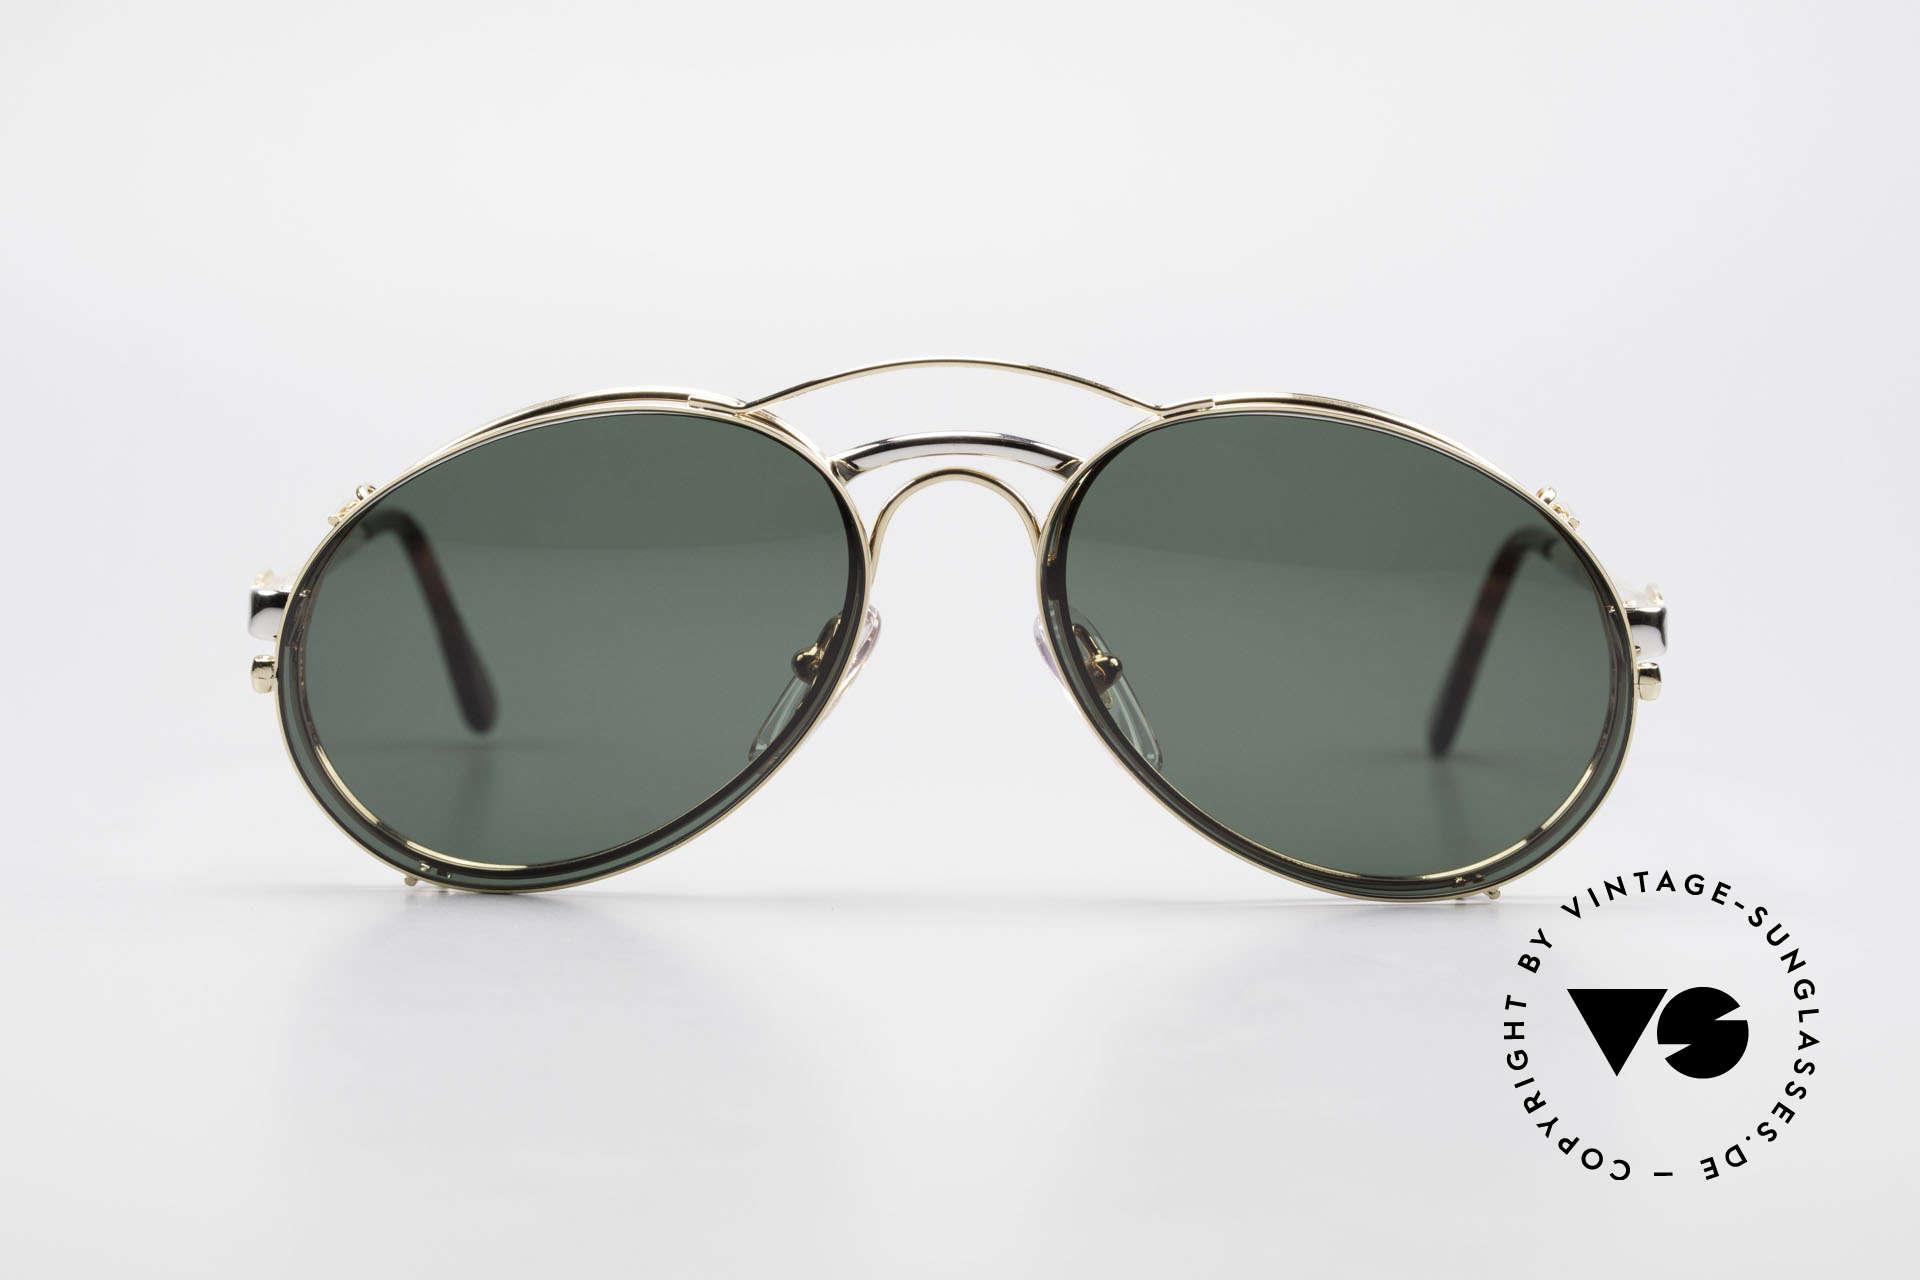 Bugatti 03308 Men's 80's Glasses With Clip On, distinctive Bugatti 'tear drop' shape; in 50mm size, Made for Men